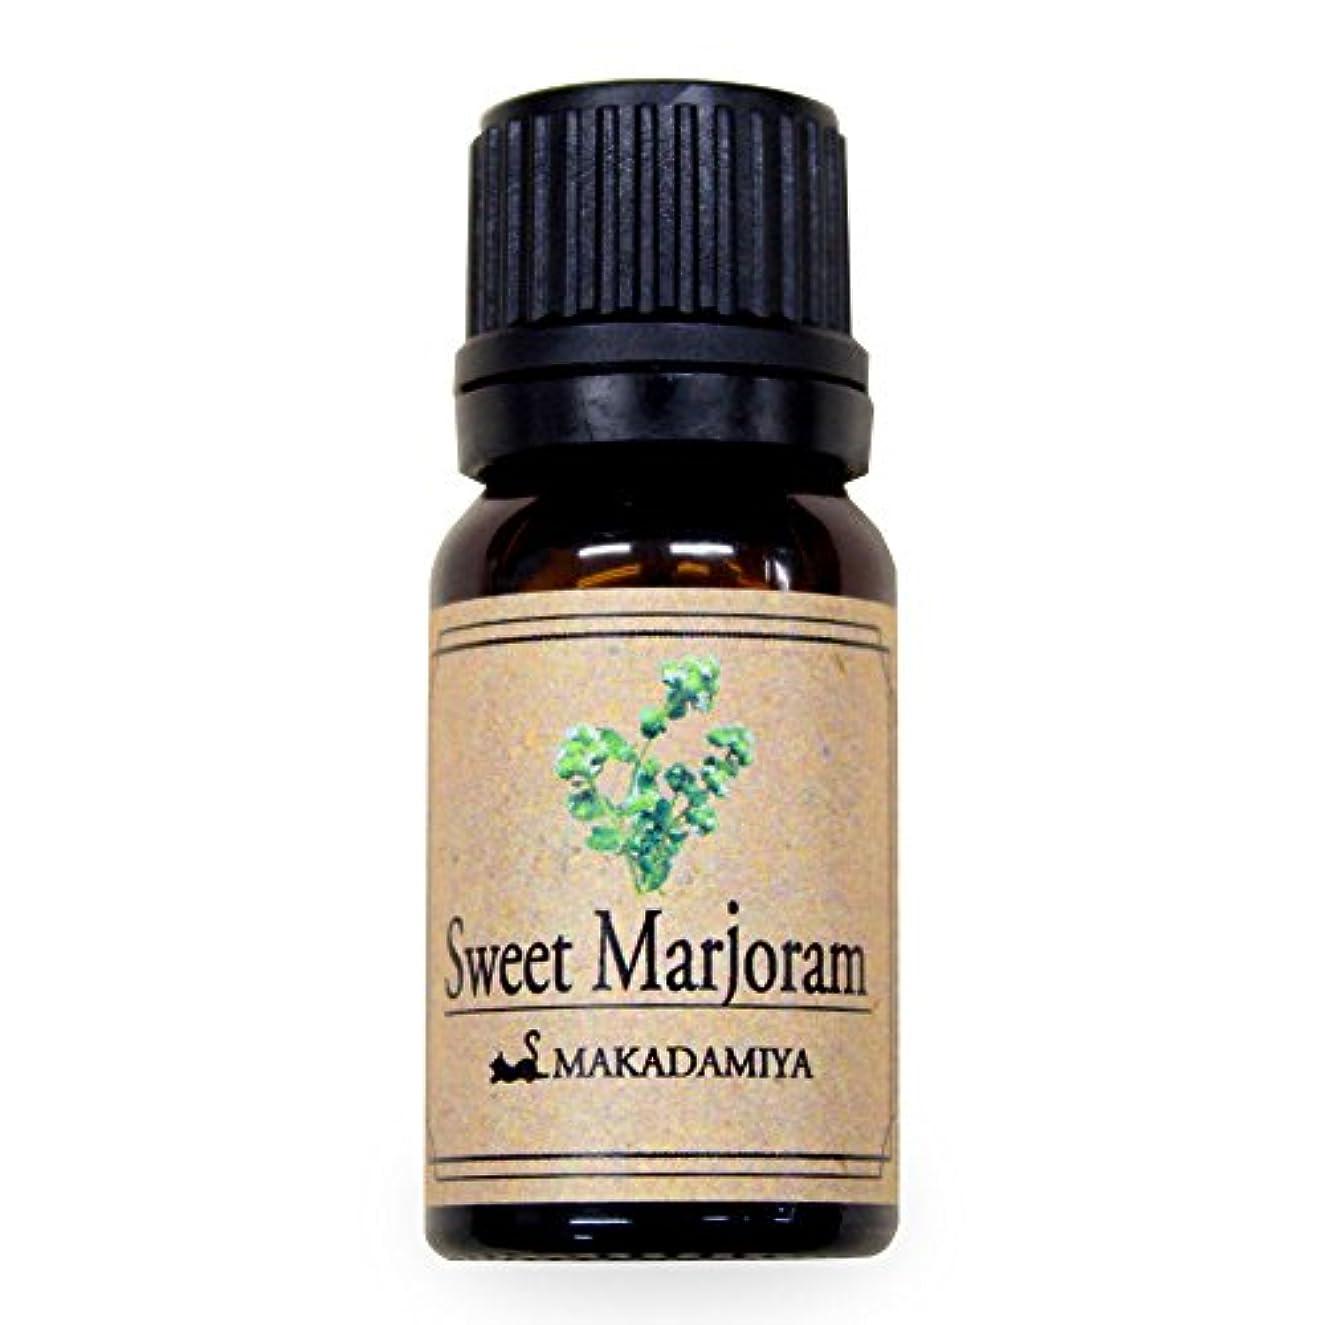 降臨はしご三十スイートマージョラム10ml 天然100%植物性 エッセンシャルオイル(精油) アロマオイル アロママッサージ aroma Sweet M.